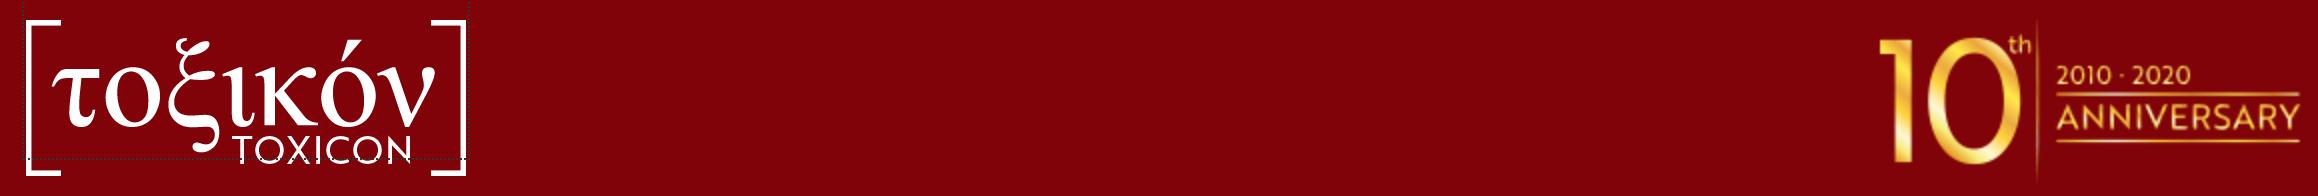 logo stampa